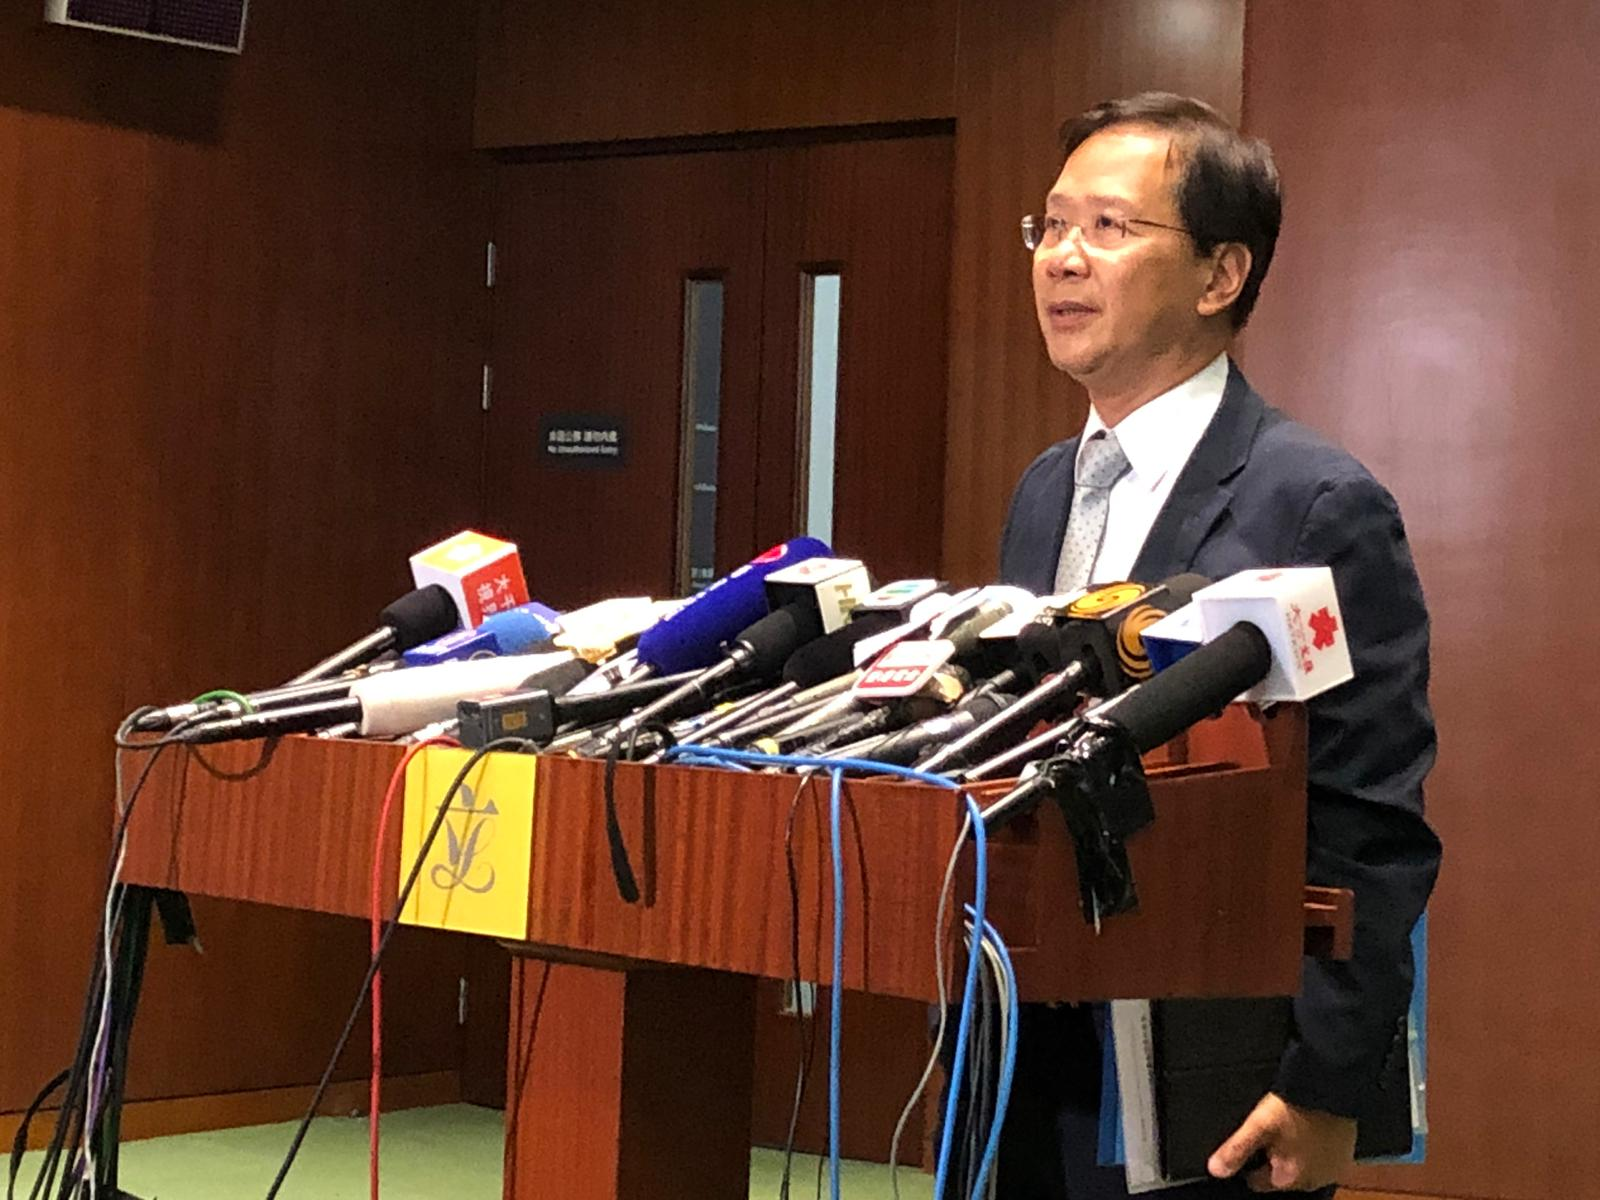 郭家麒被逐出會議廳。